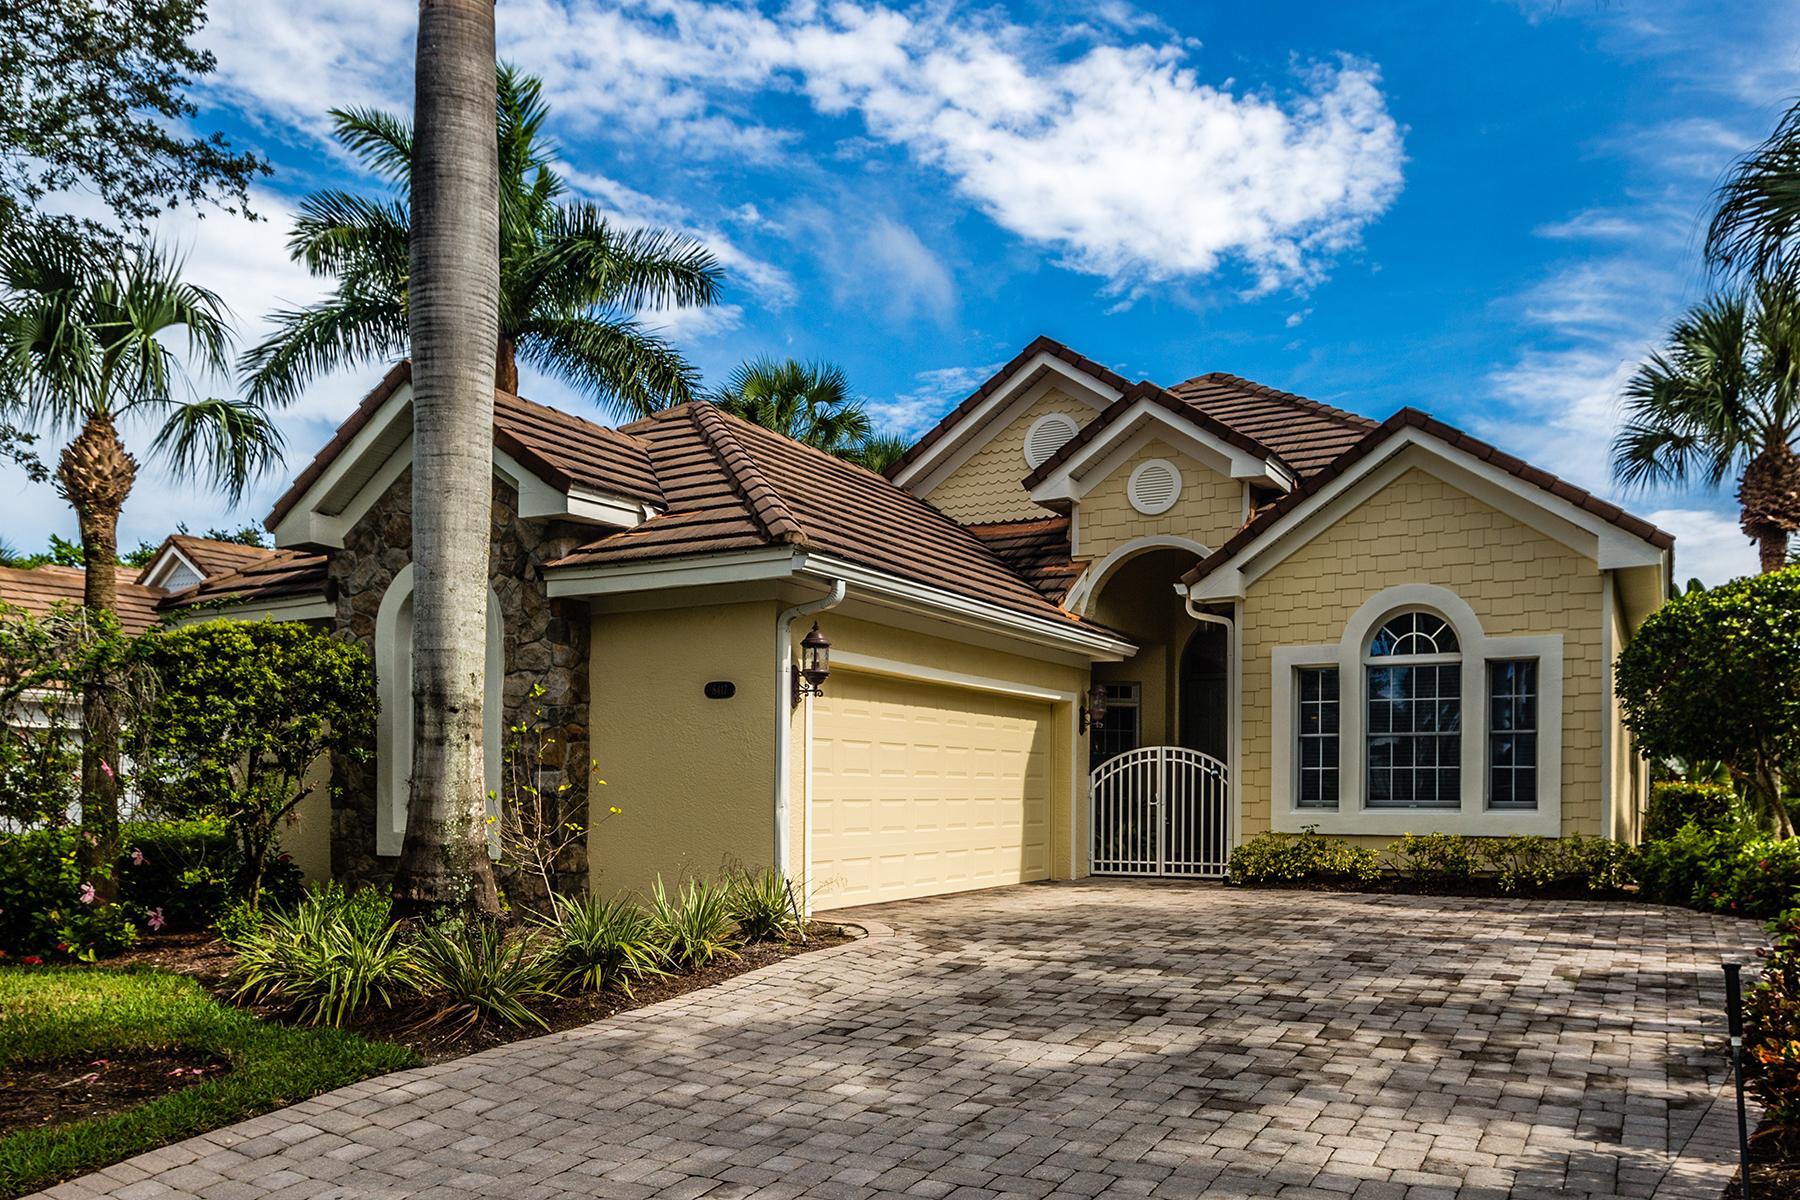 Einfamilienhaus für Verkauf beim FIDDLER'S CREEK - MALLARDS LANDING 8417 Mallards Way Naples, Florida, 34114 Vereinigte Staaten